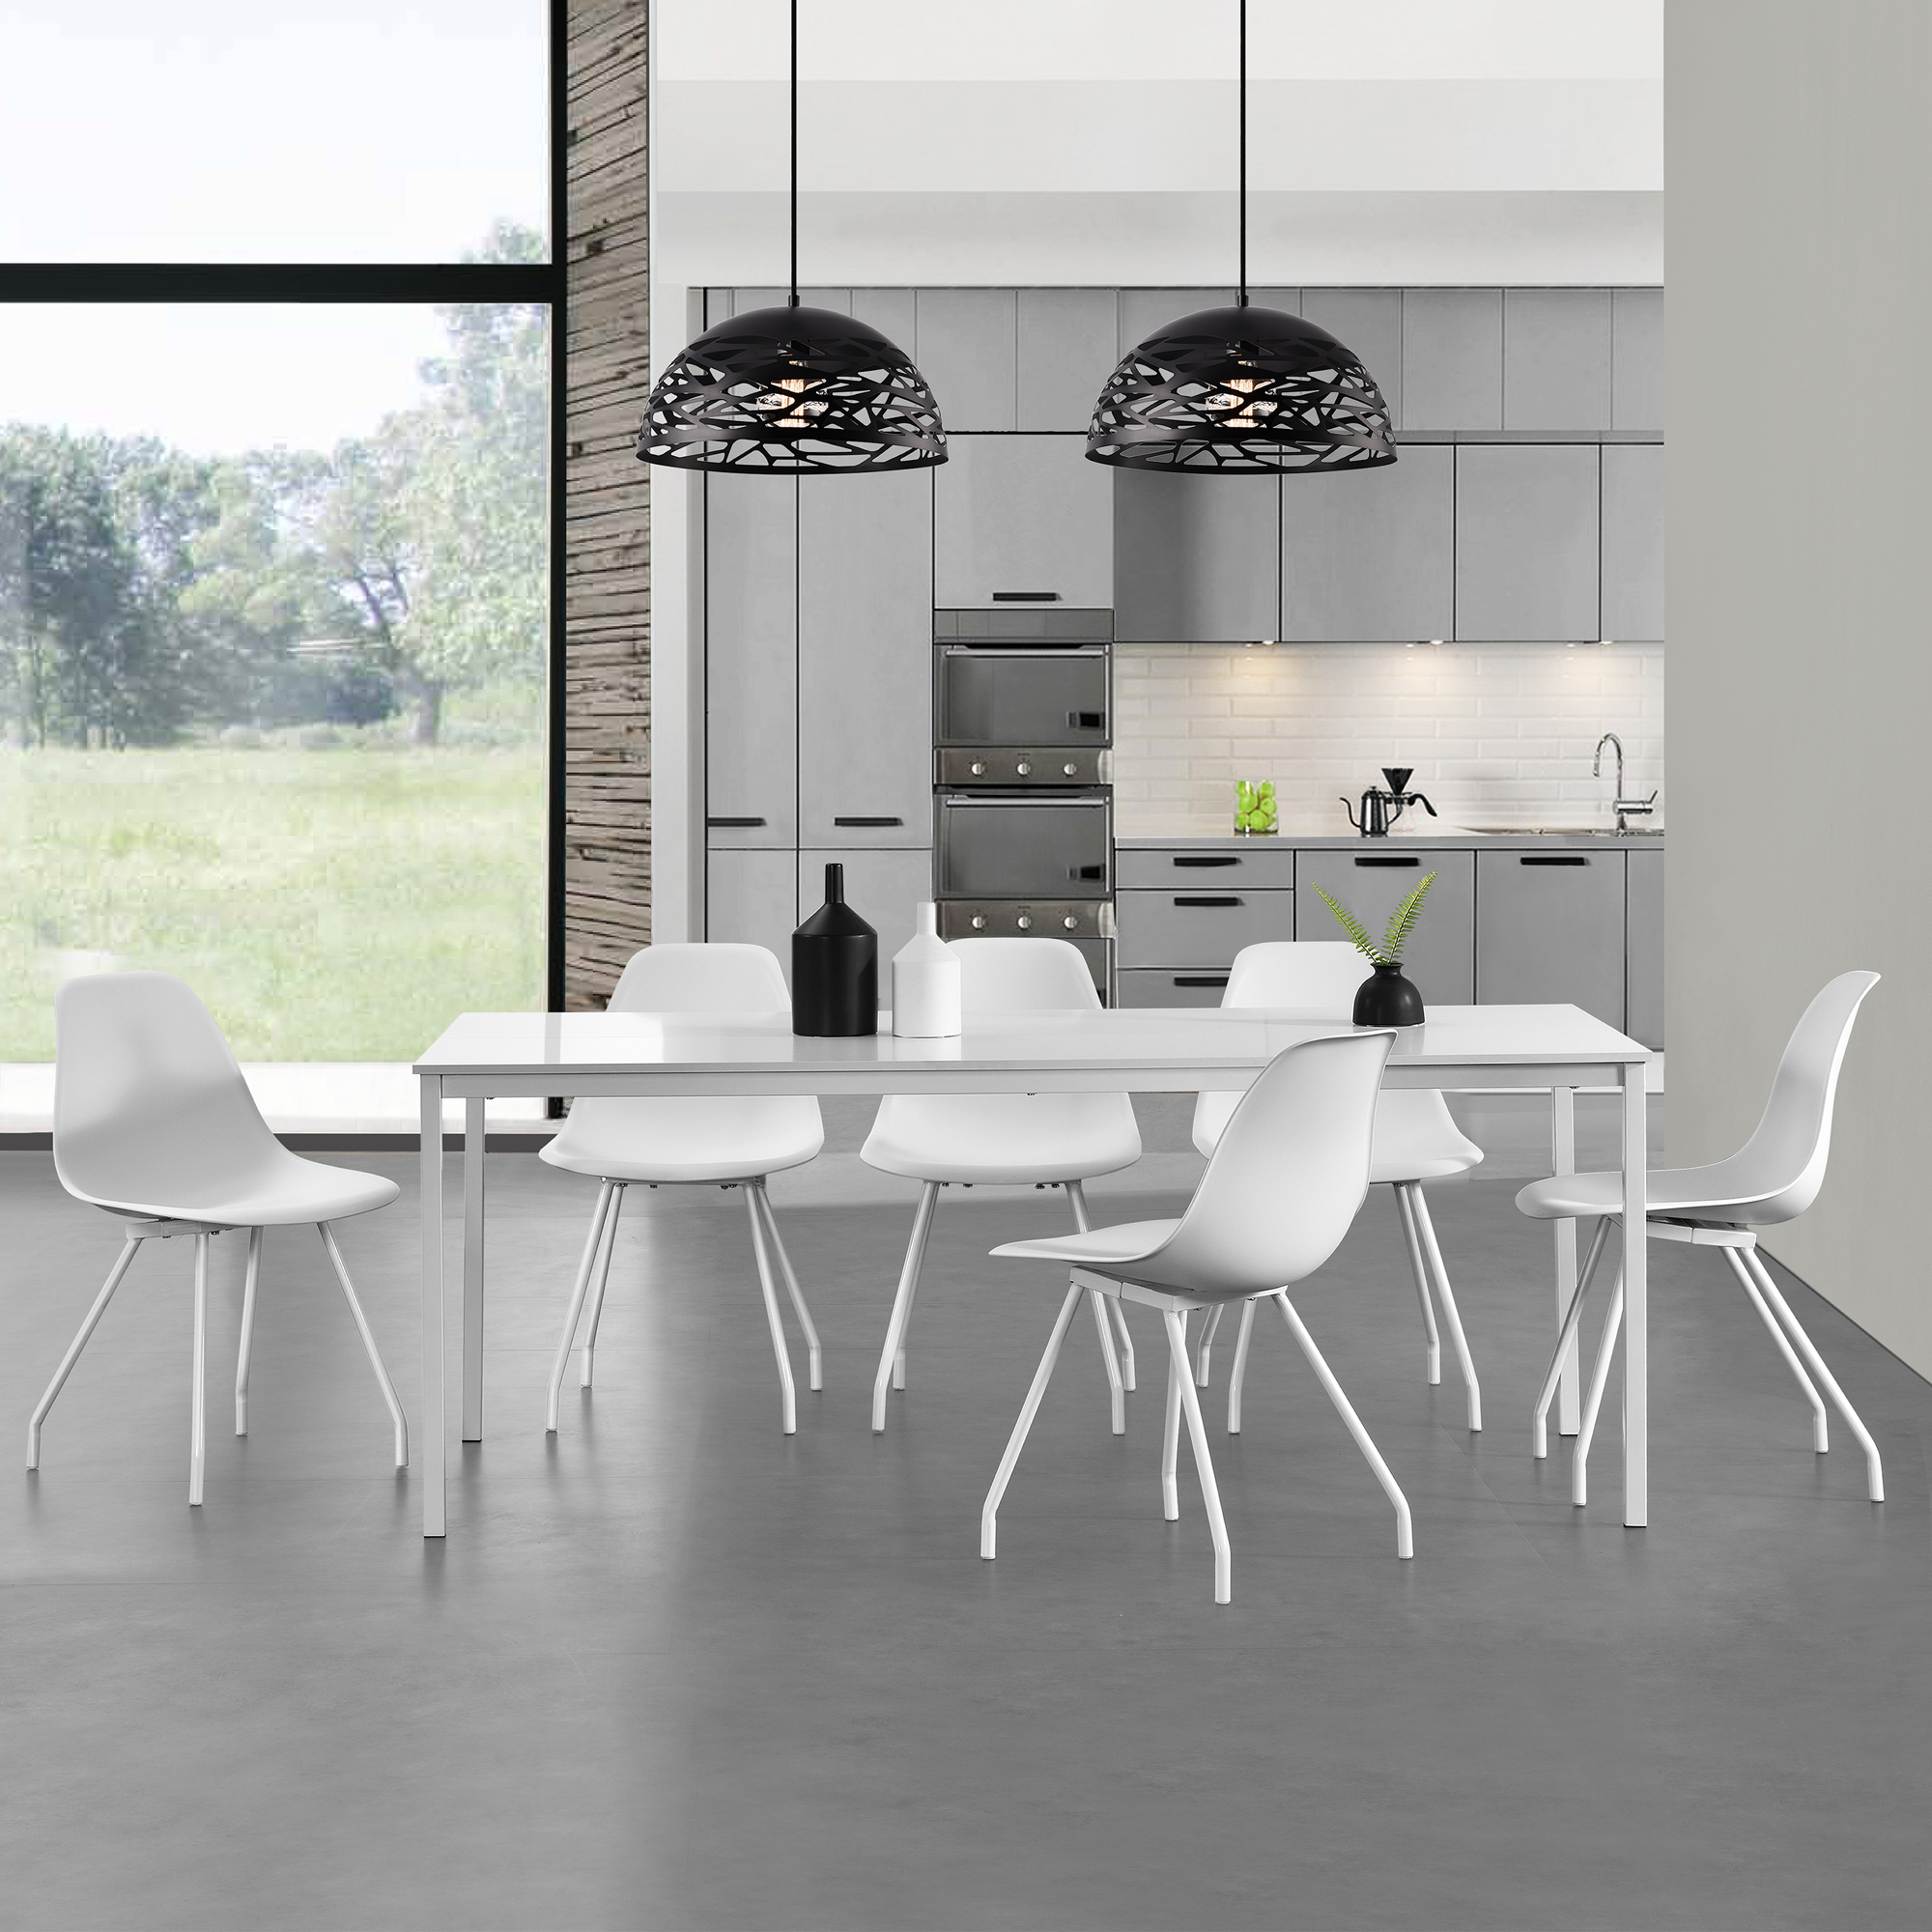 esstisch mit 6 st hlen wei 160x80cm k chentisch esszimmertisch 4059438105678 ebay. Black Bedroom Furniture Sets. Home Design Ideas